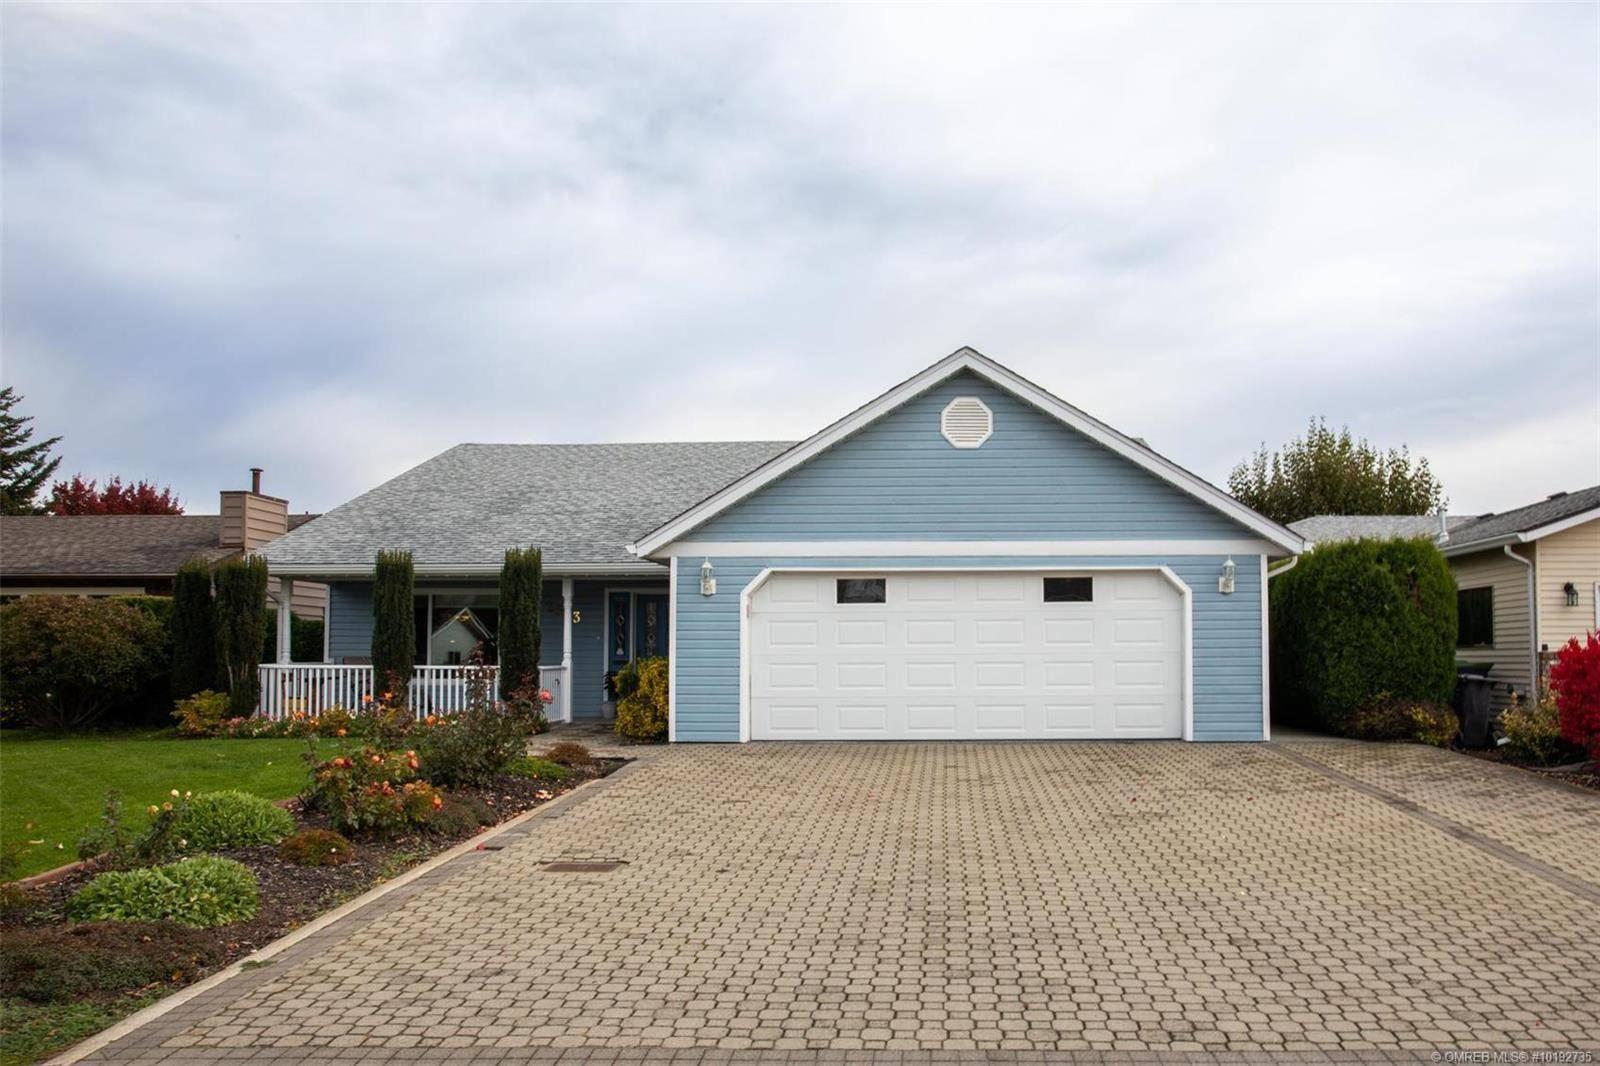 House for sale at 2543 Rhondda Cres Kelowna British Columbia - MLS: 10192735